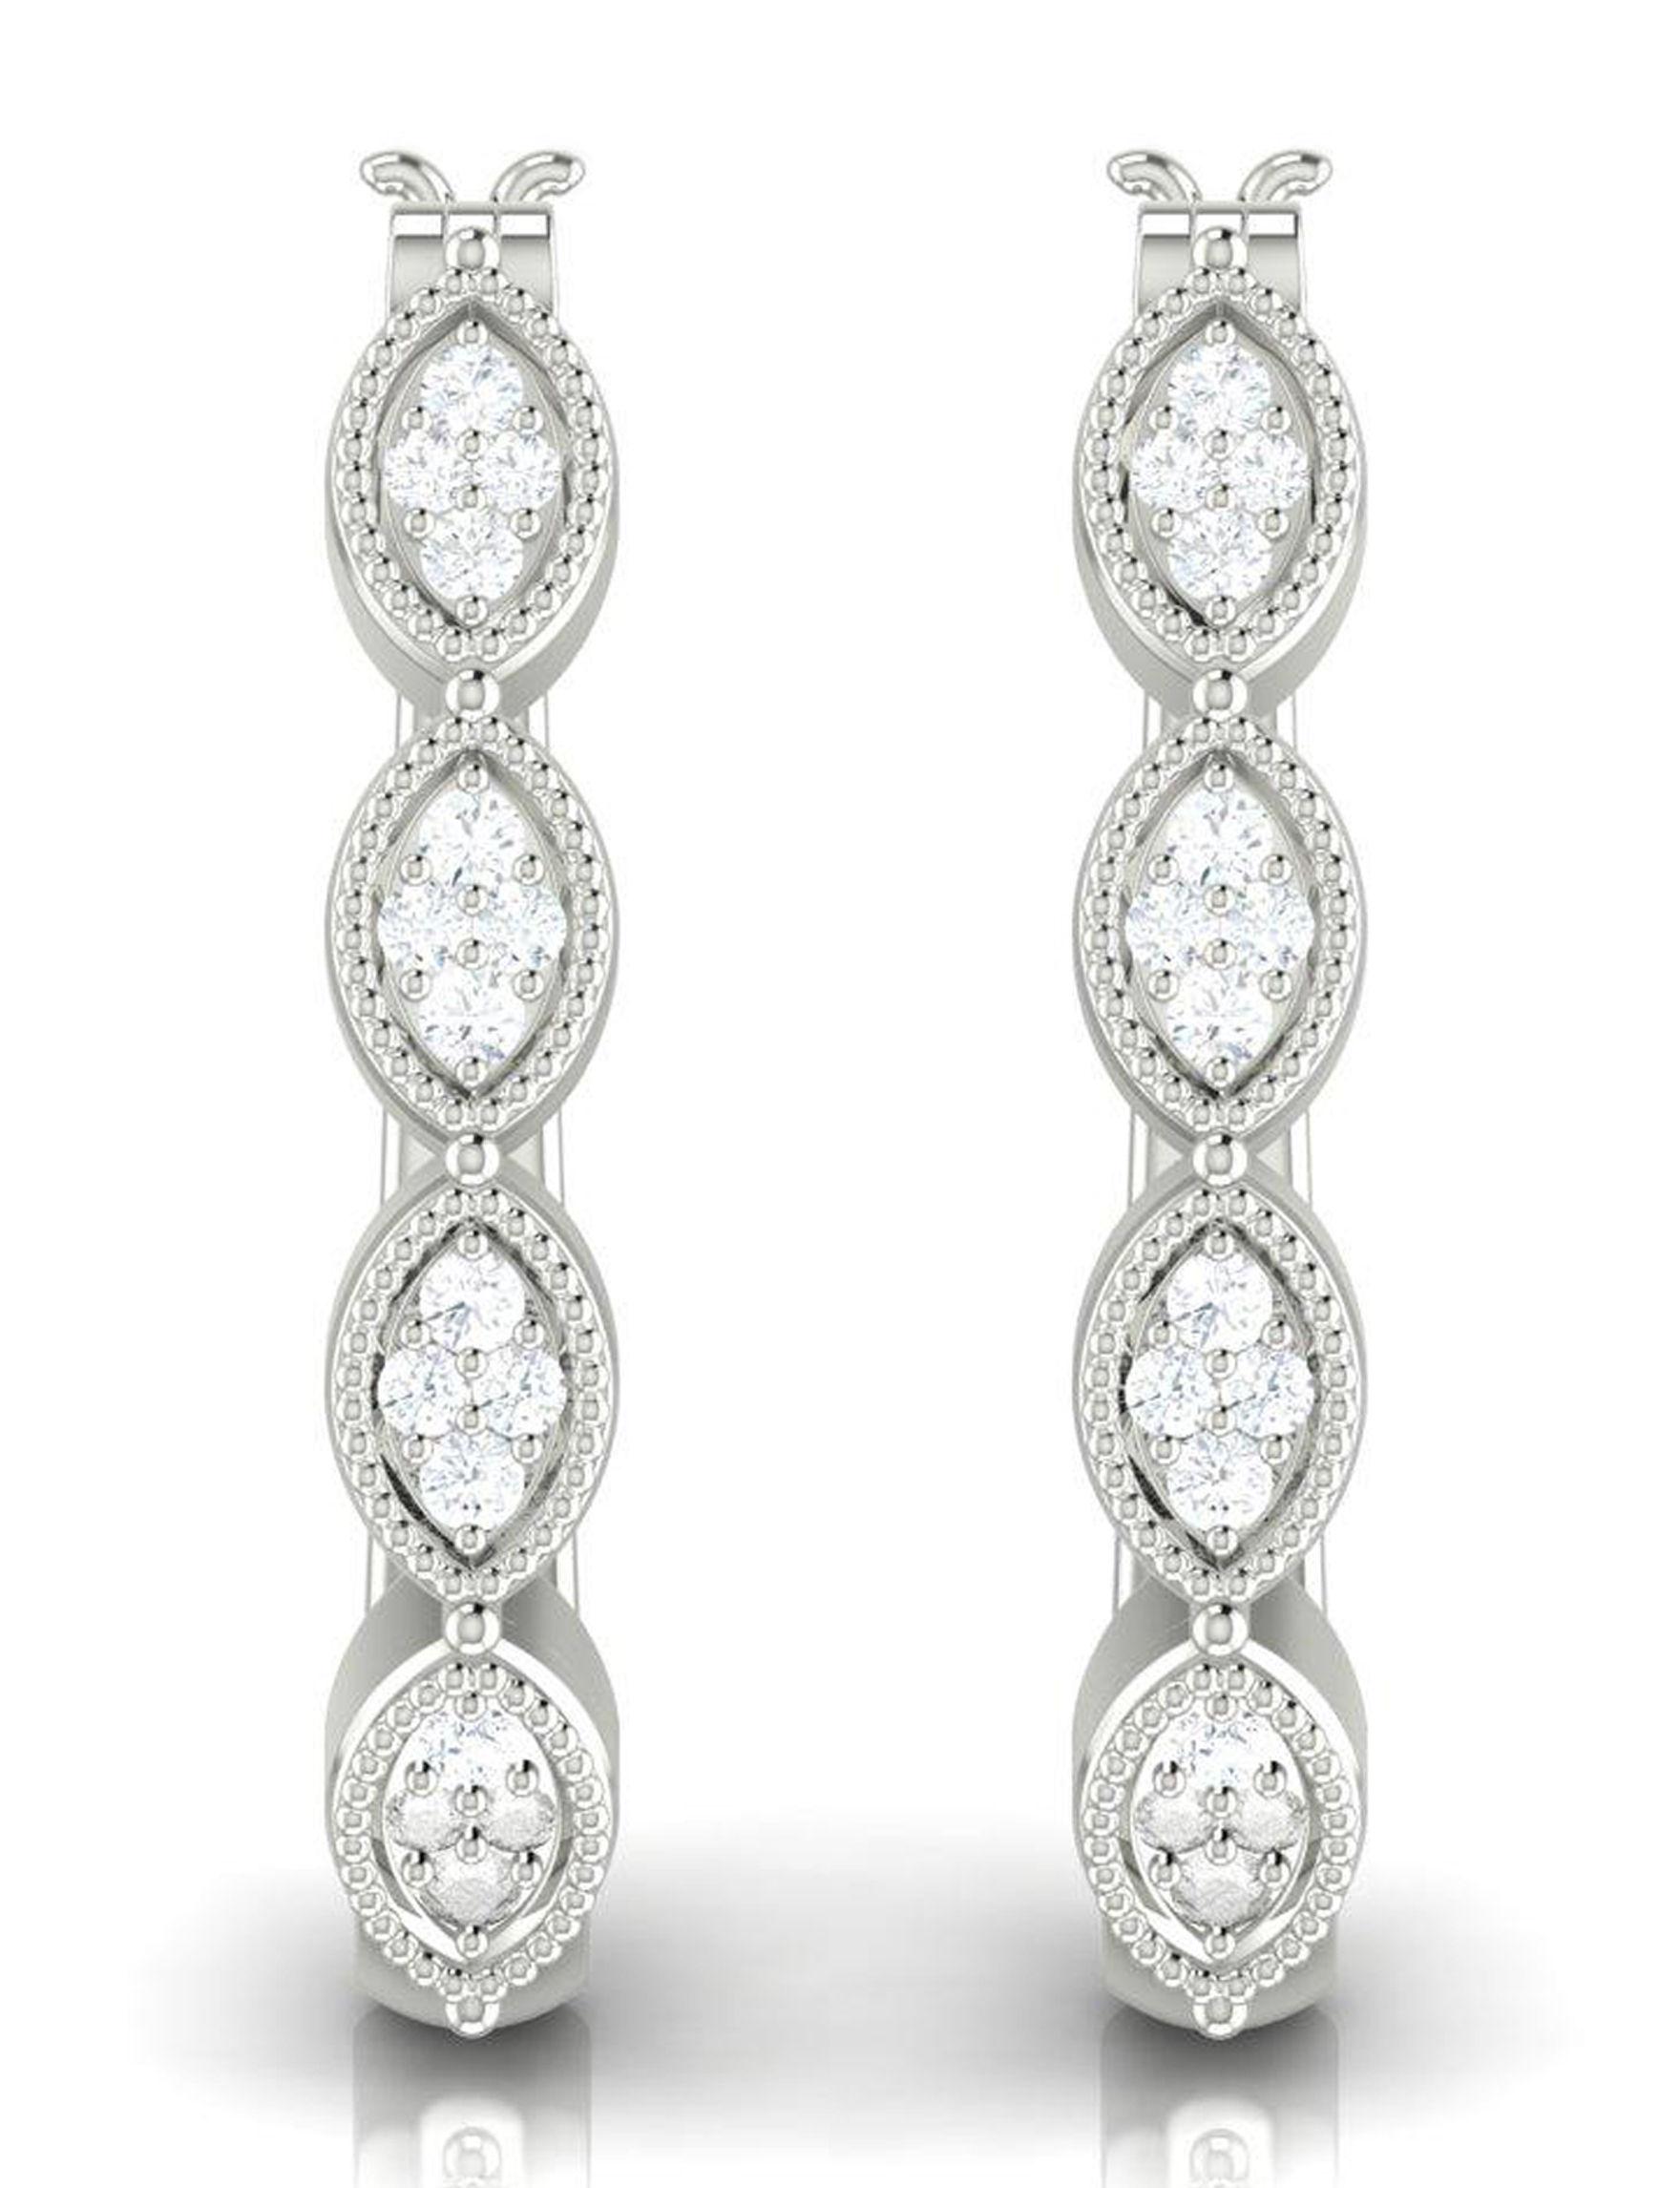 Shriyam Luxe Silver Hoops Earrings Fine Jewelry